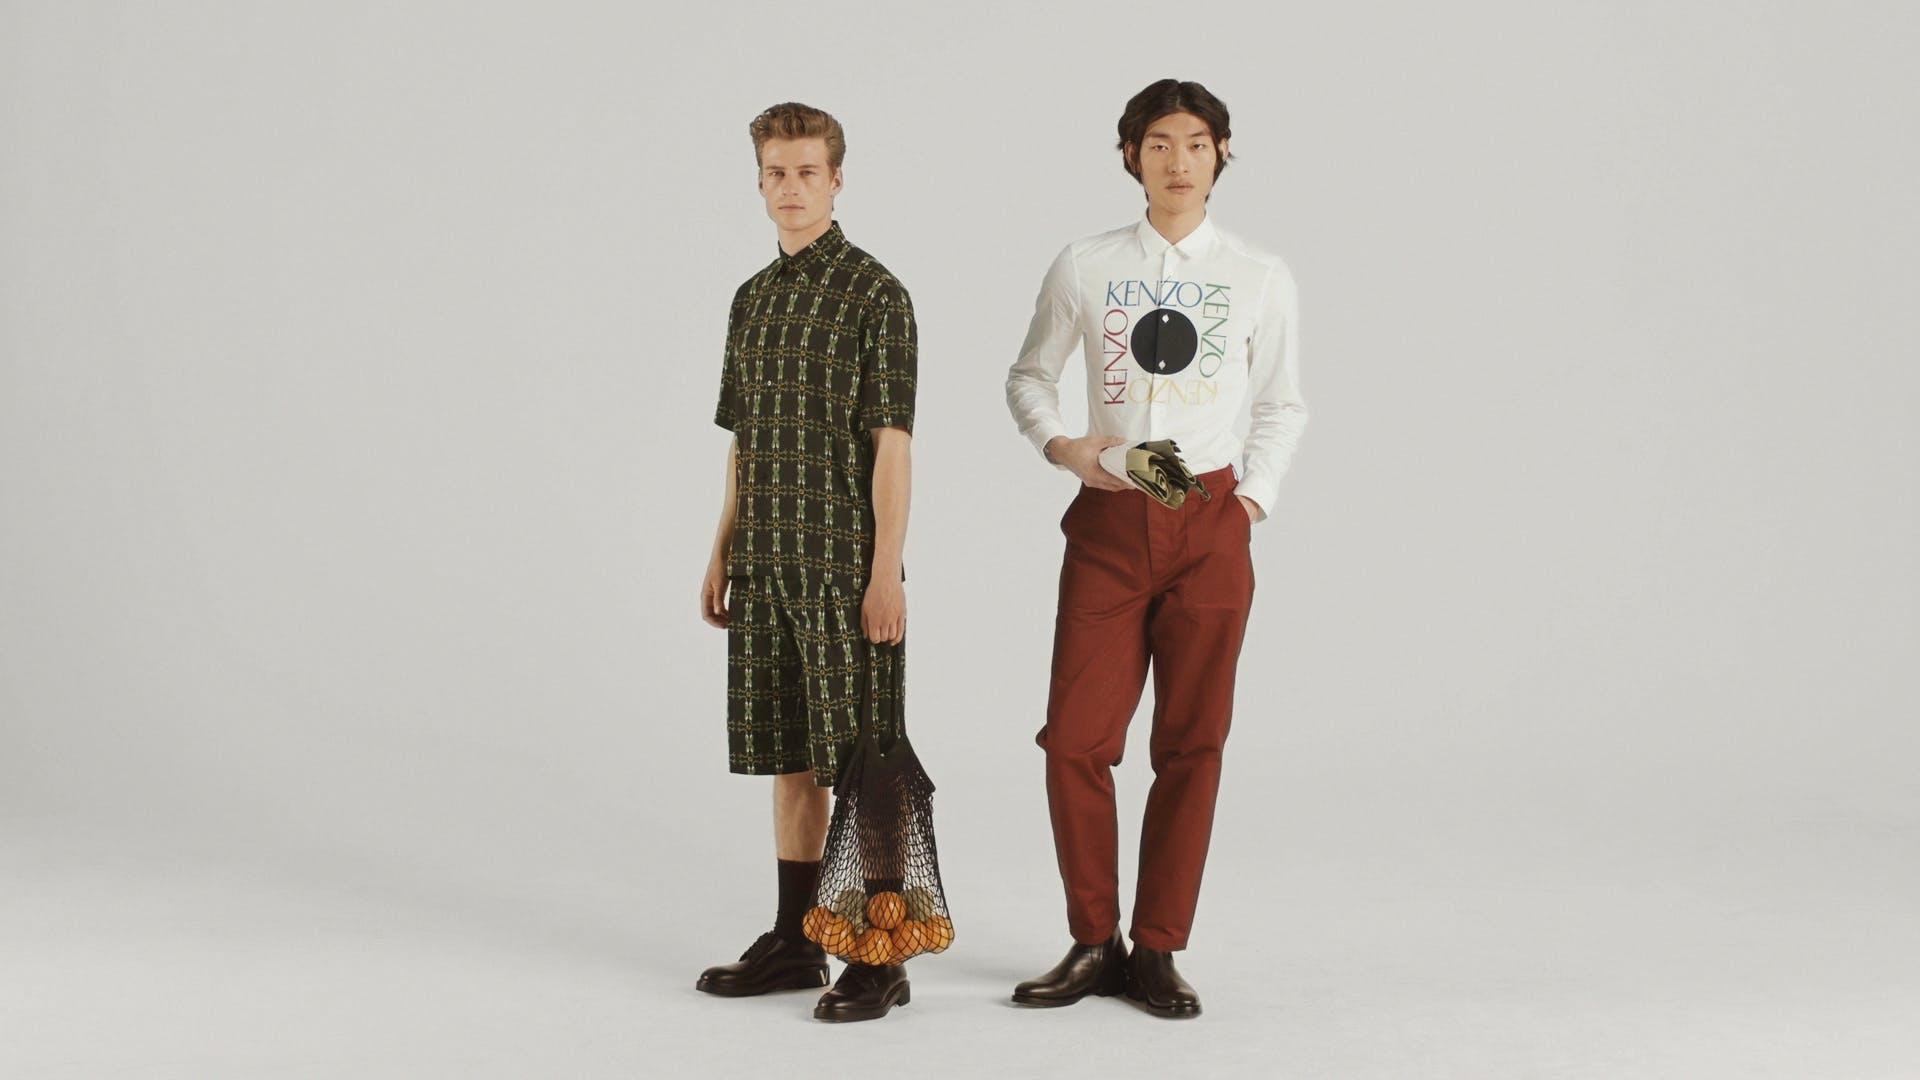 Dos modelos masculinos de moda posando.